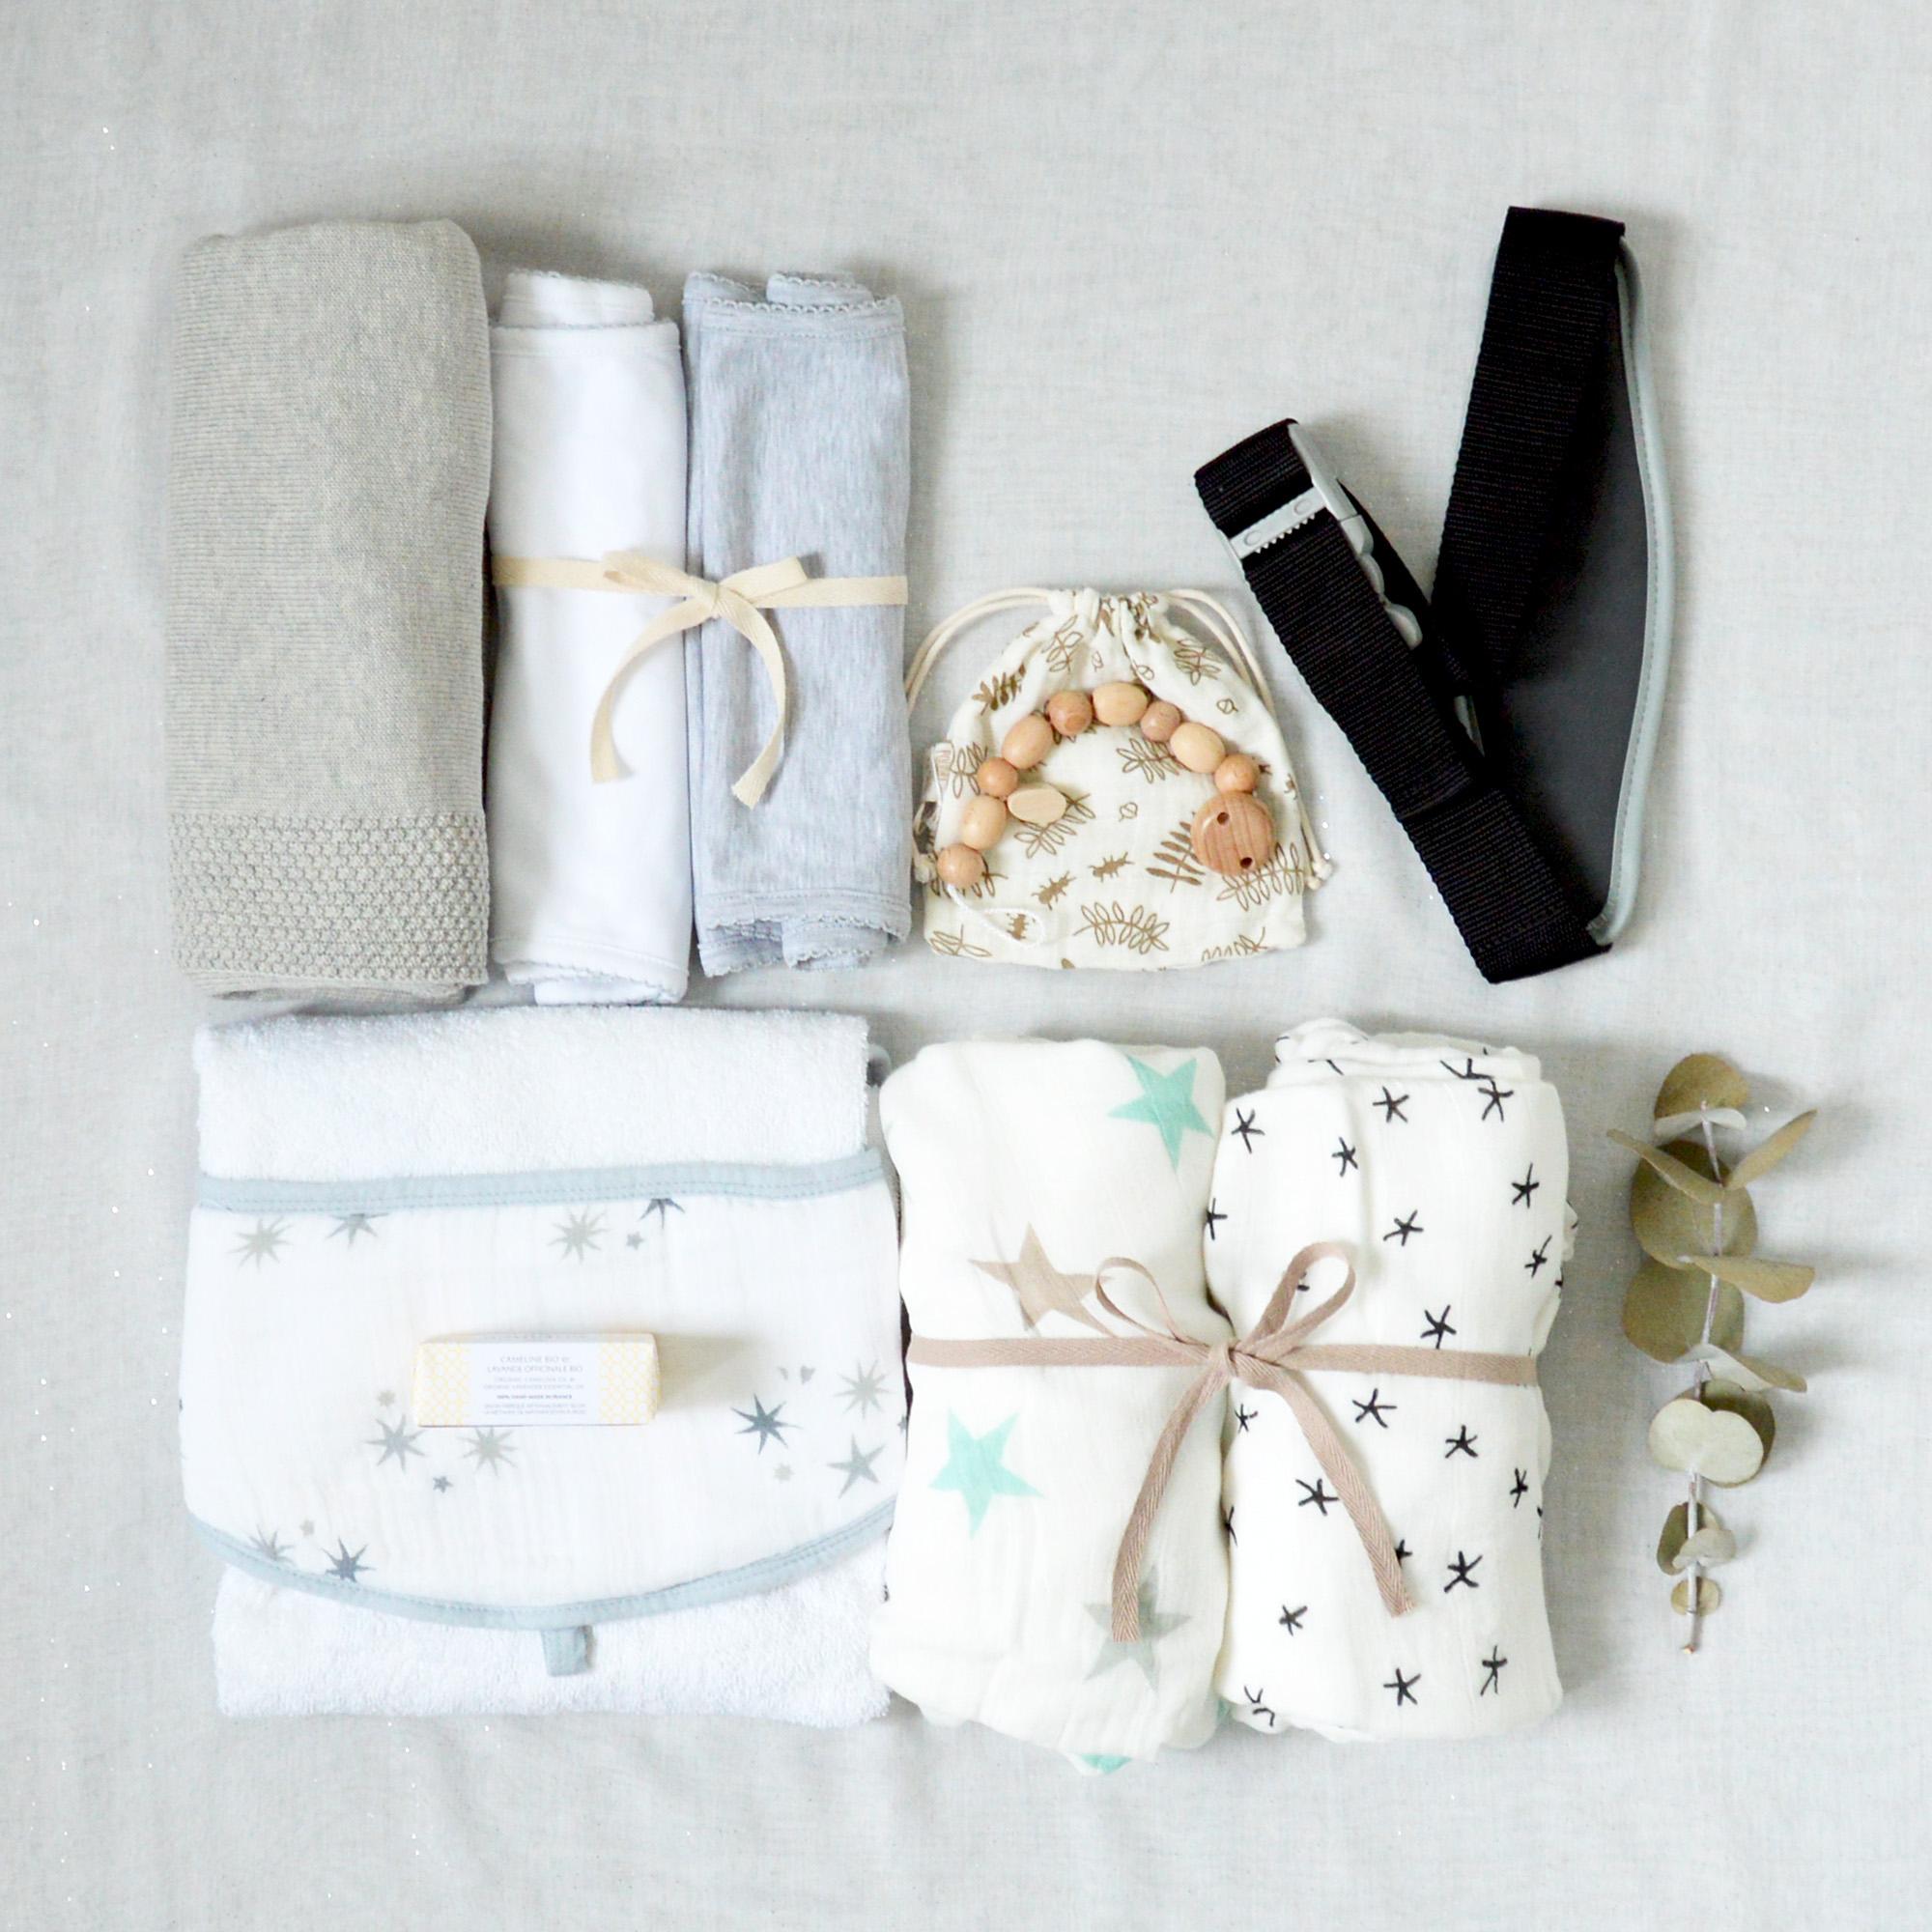 les indispensables pour la naissance c t parents par. Black Bedroom Furniture Sets. Home Design Ideas